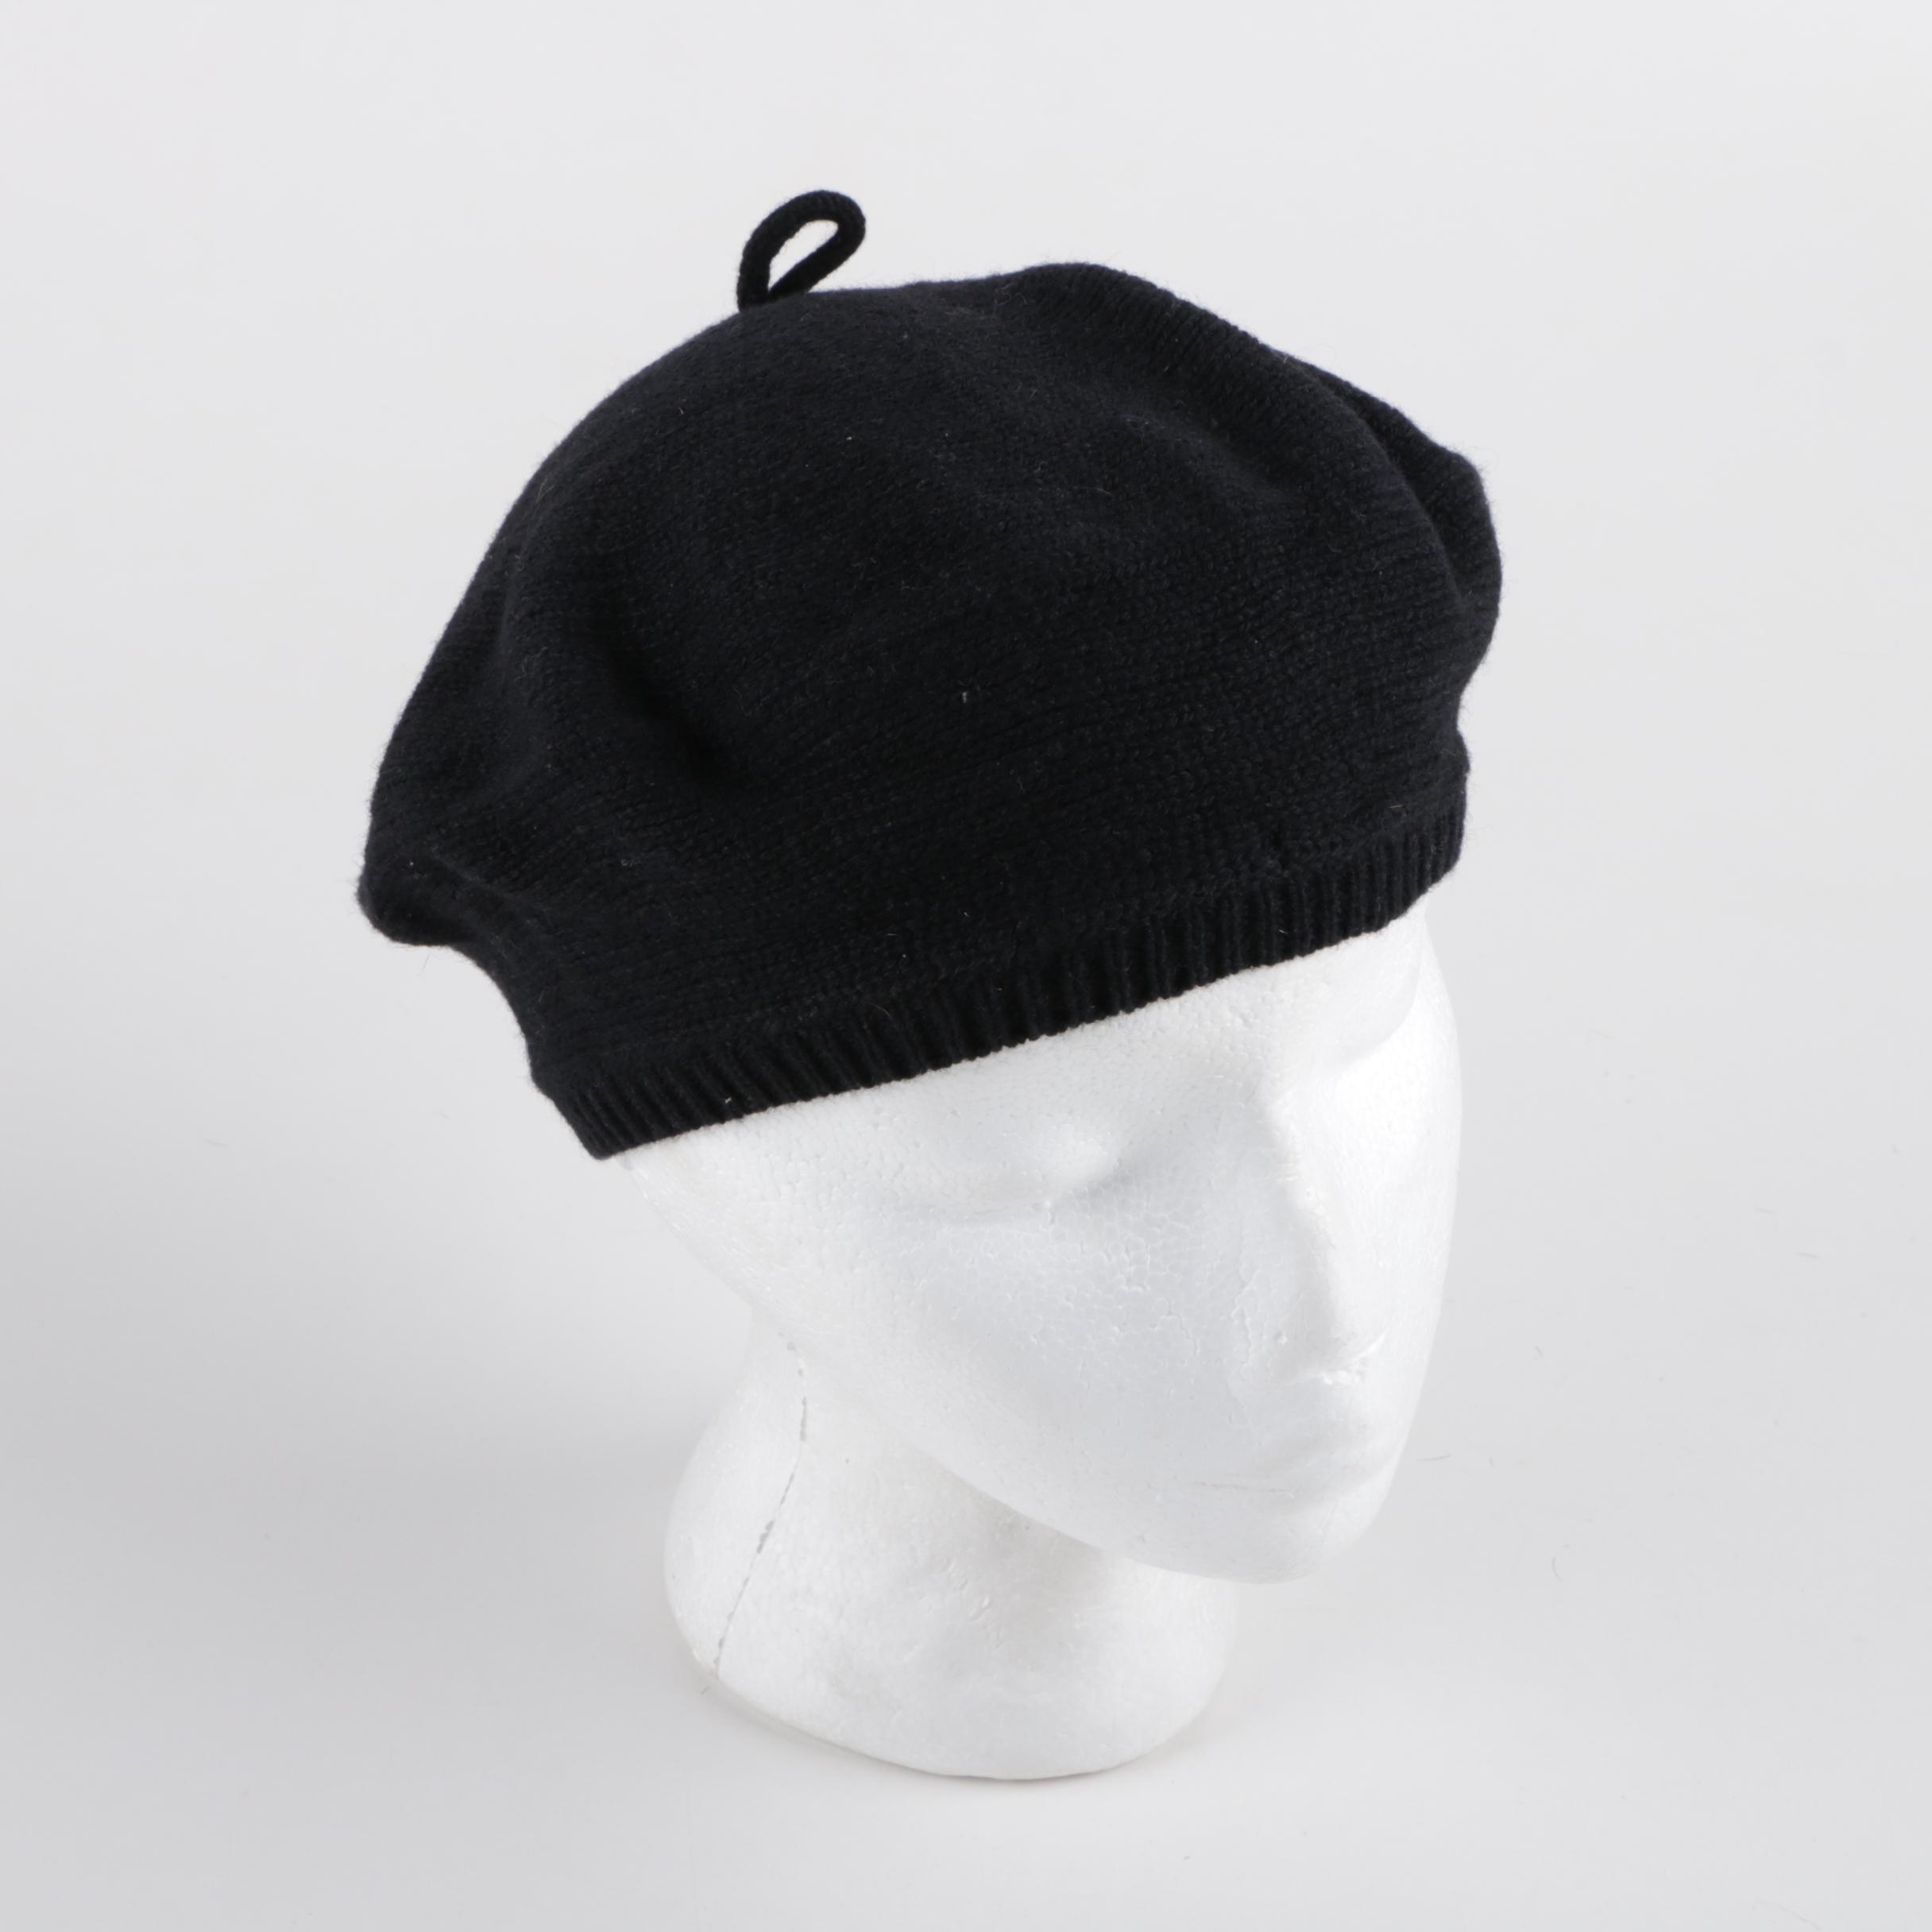 Women's Yohji Yamamoto Black Wool Blend Knit Beanie